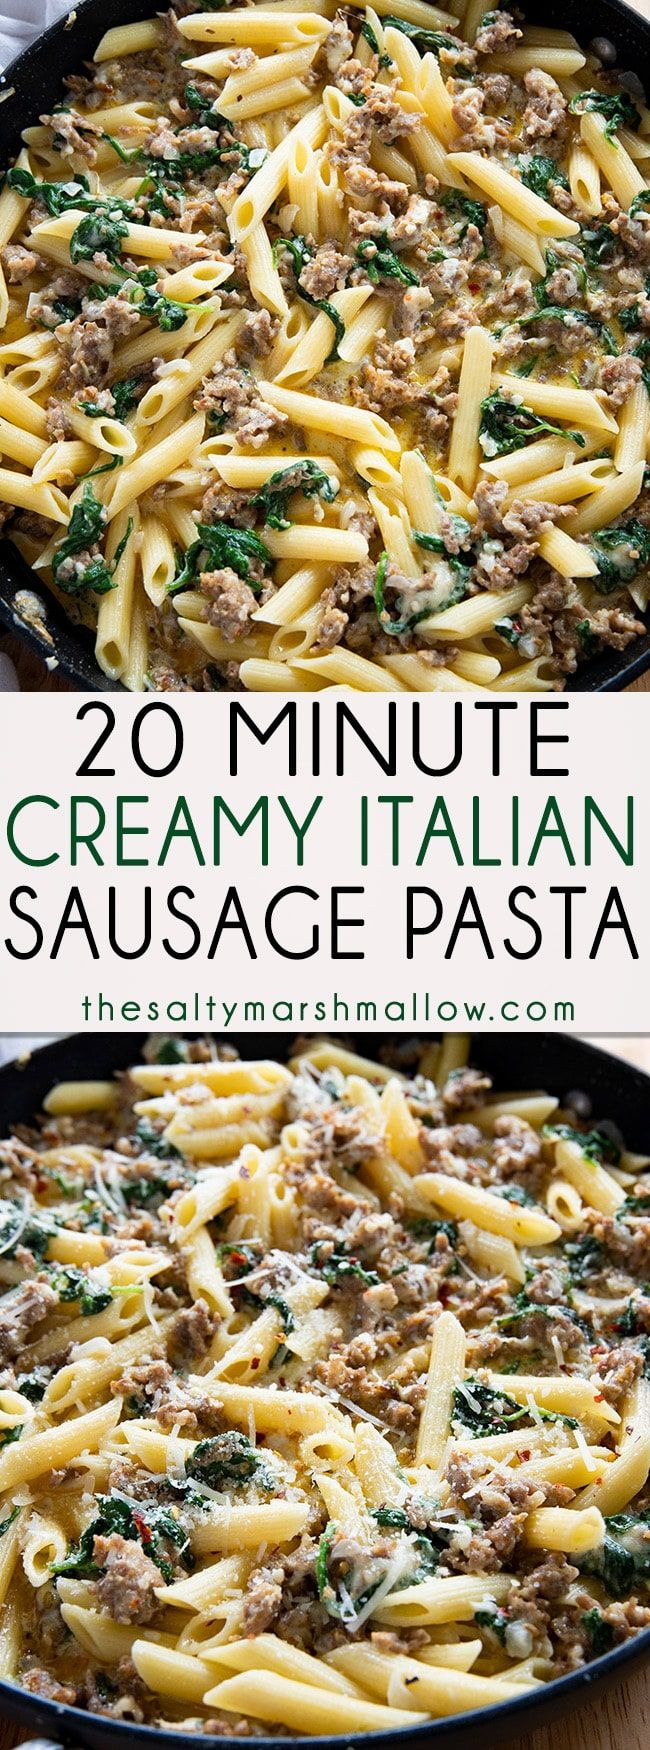 Creamy Italian Sausage Pasta - The Salty Marshmallow